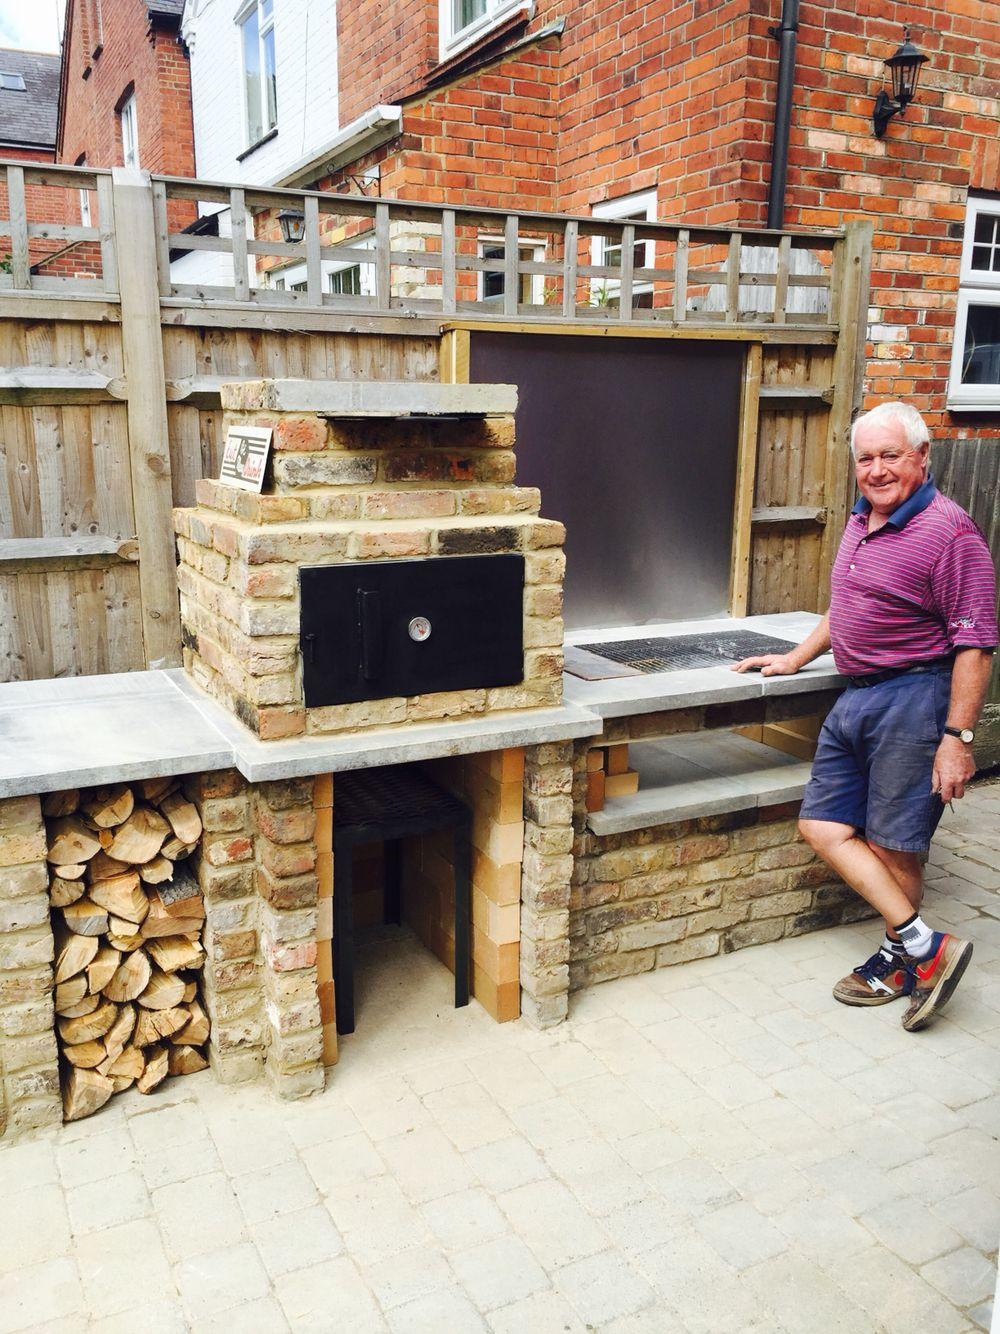 Backyard Brick Bbq Smoker Uk Style Backyard Grill Ideas Brick